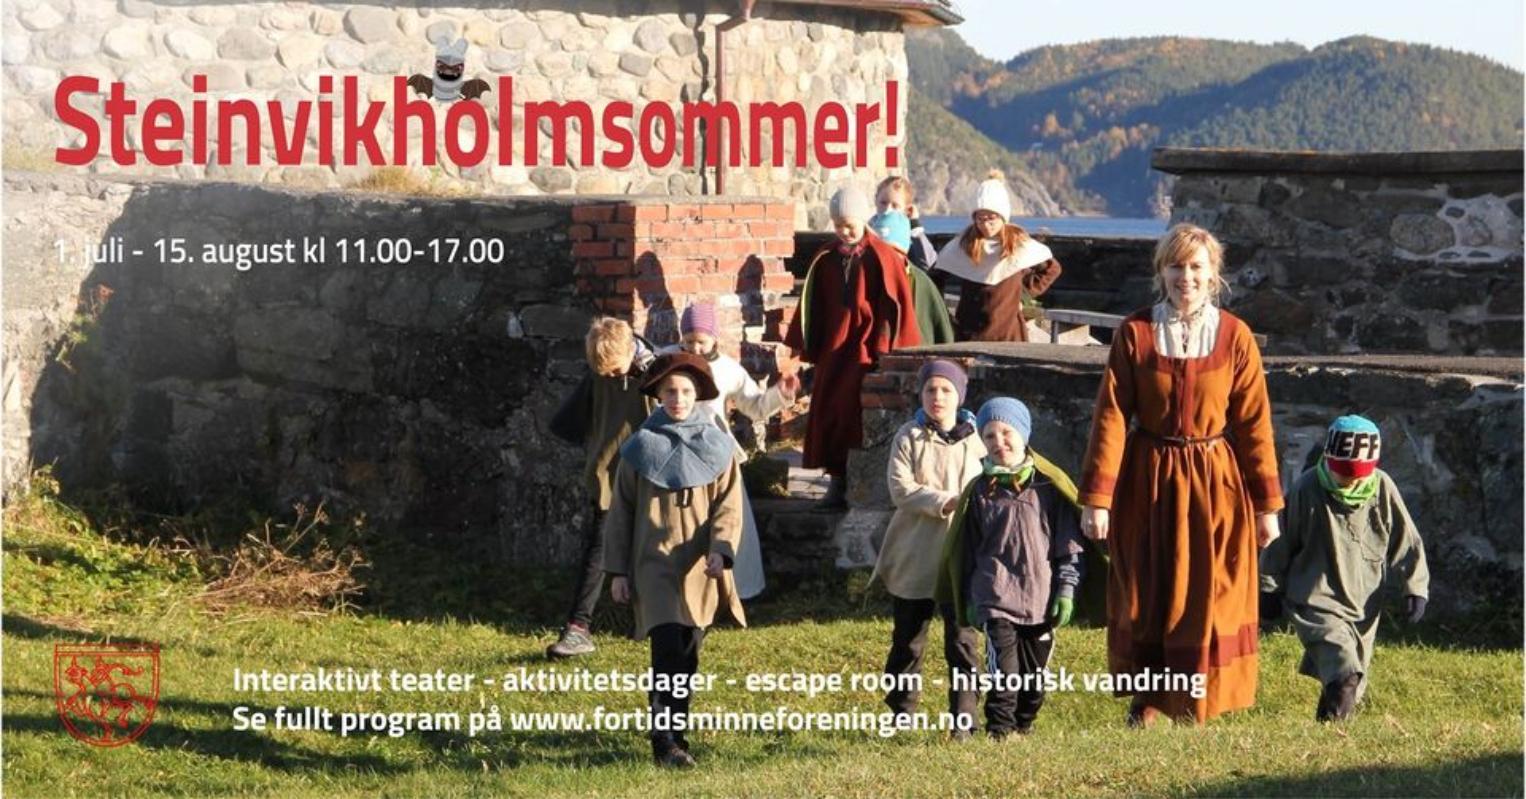 Velkommen til en spennende sommer på Steinvikholm slott!